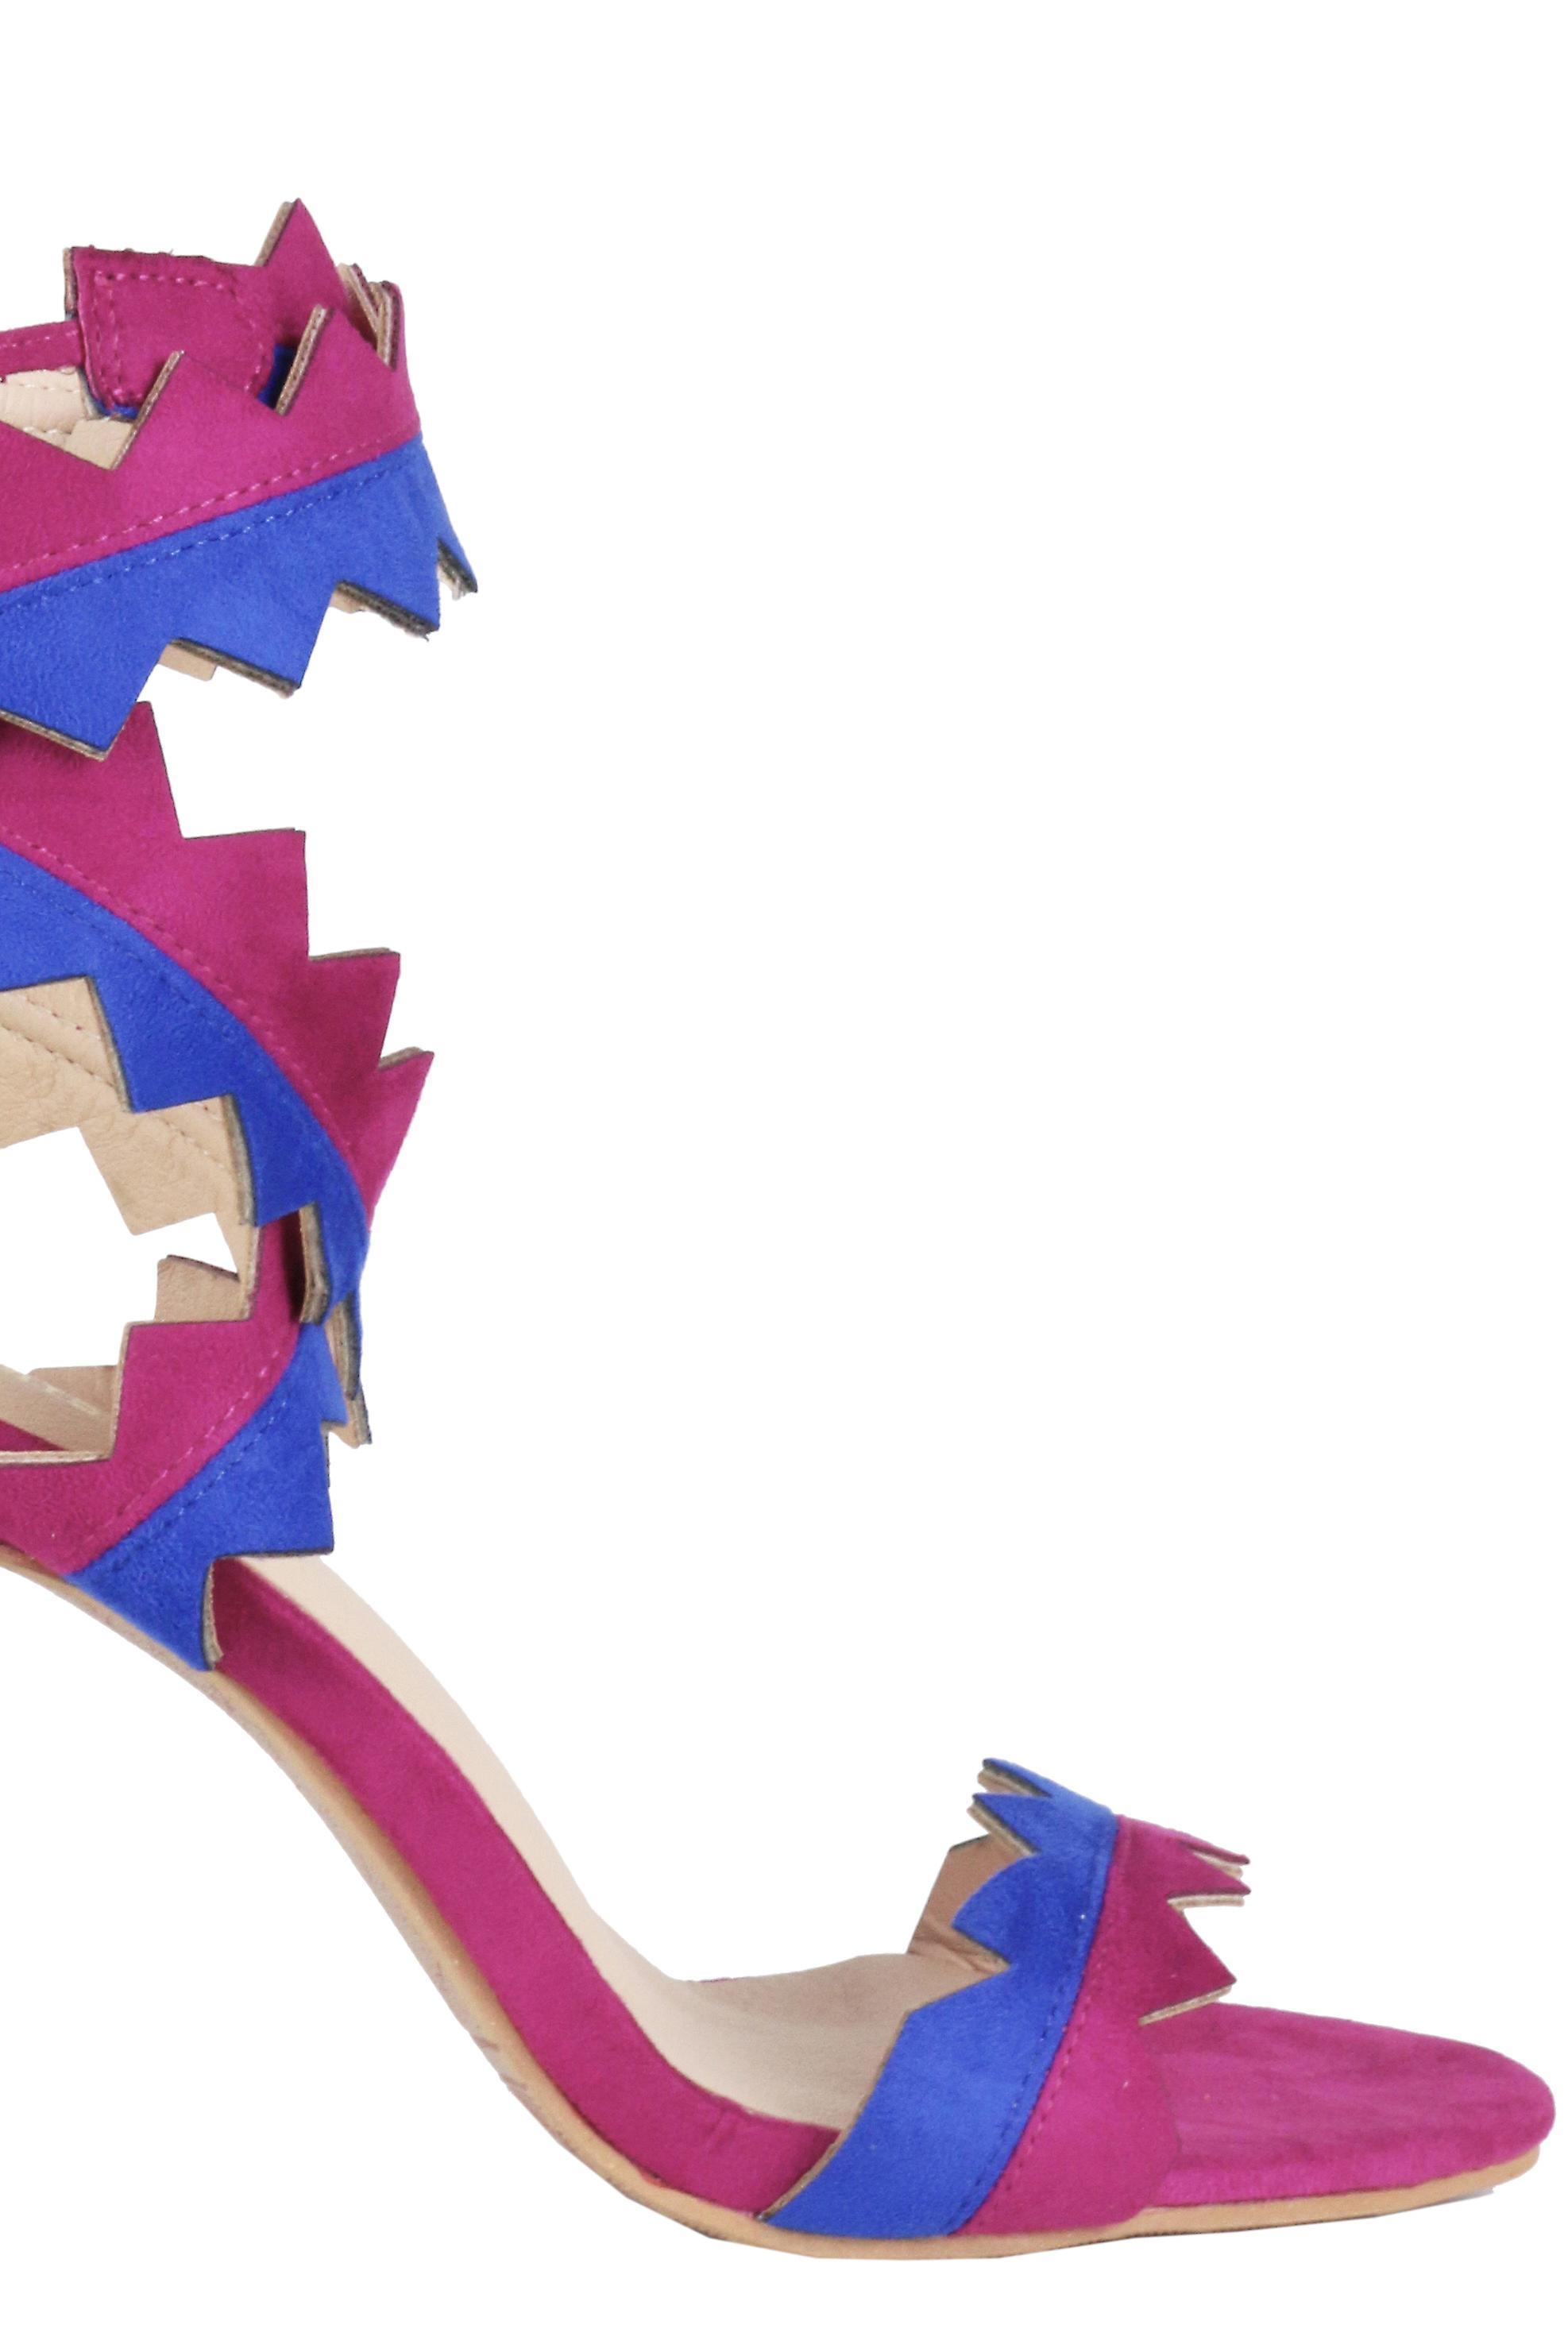 LMS Wraparound Zigzag Heel Sandals In Pink & Blue